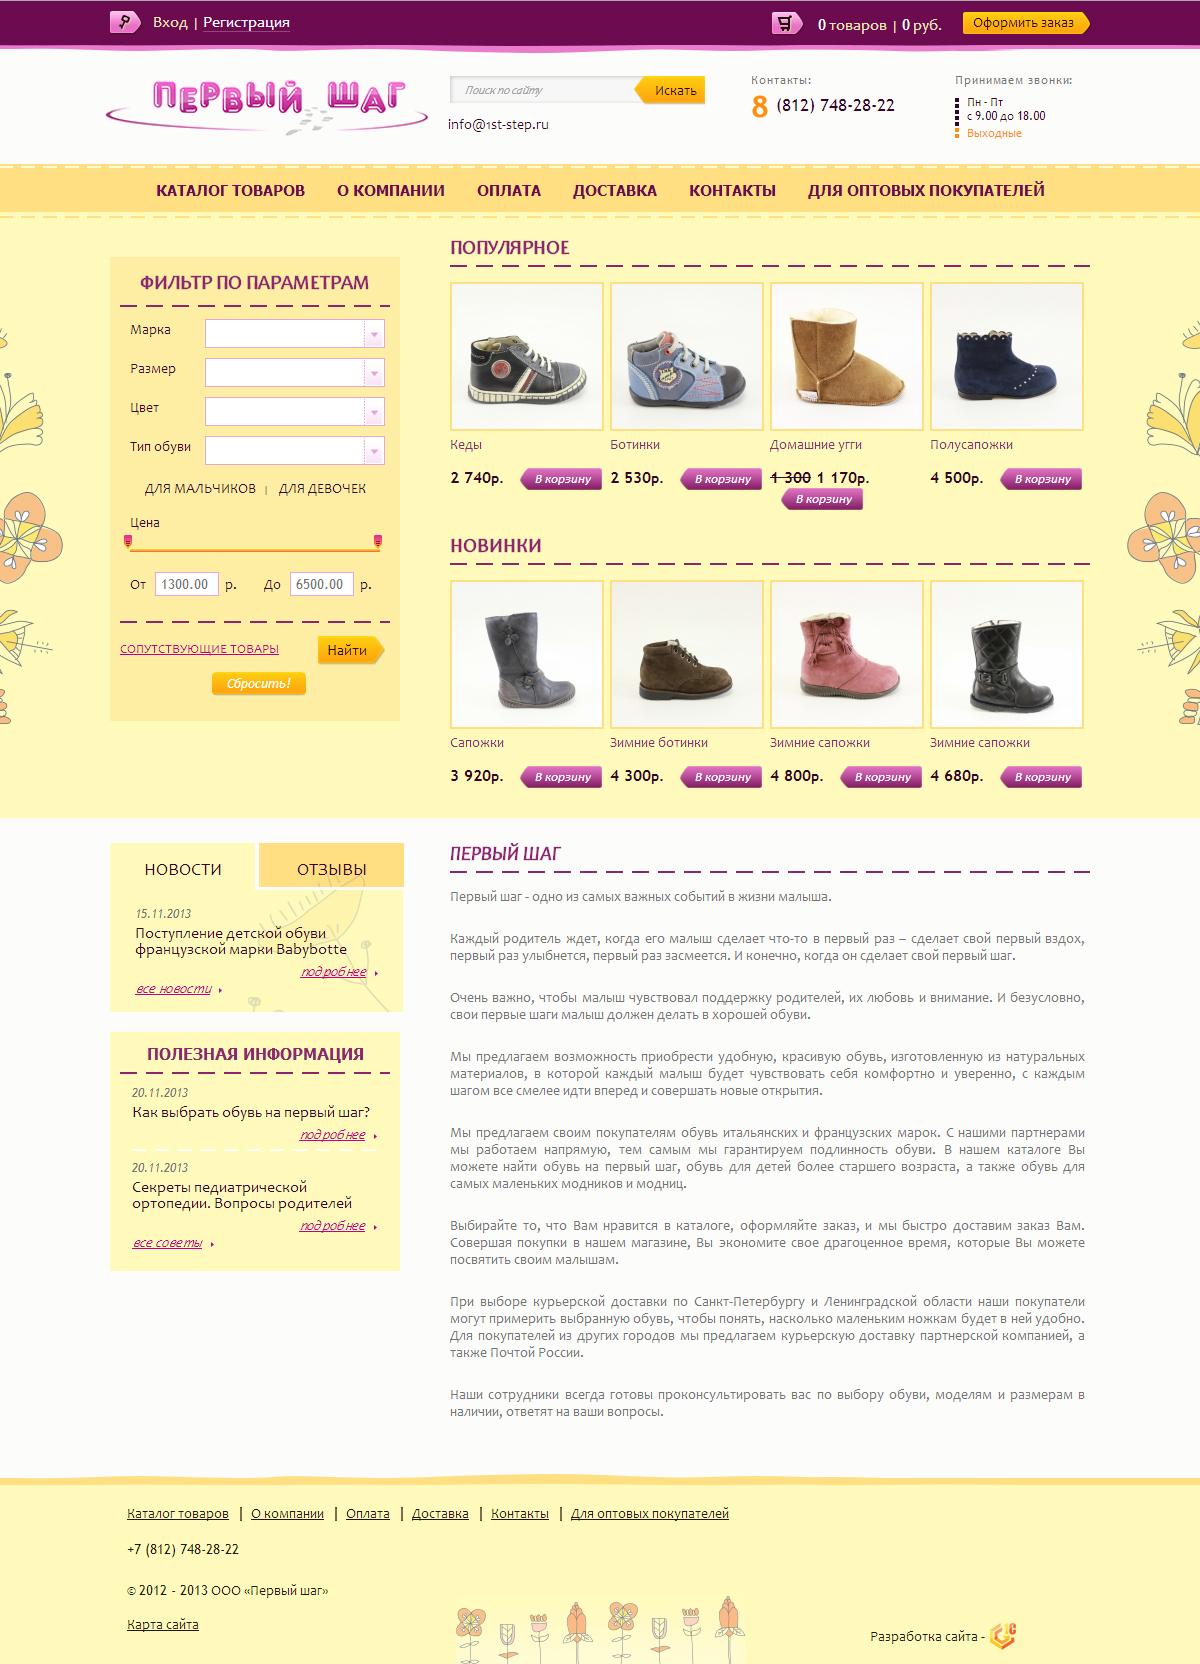 Дизайн интернет-магазина детской обуви «Первый шаг»